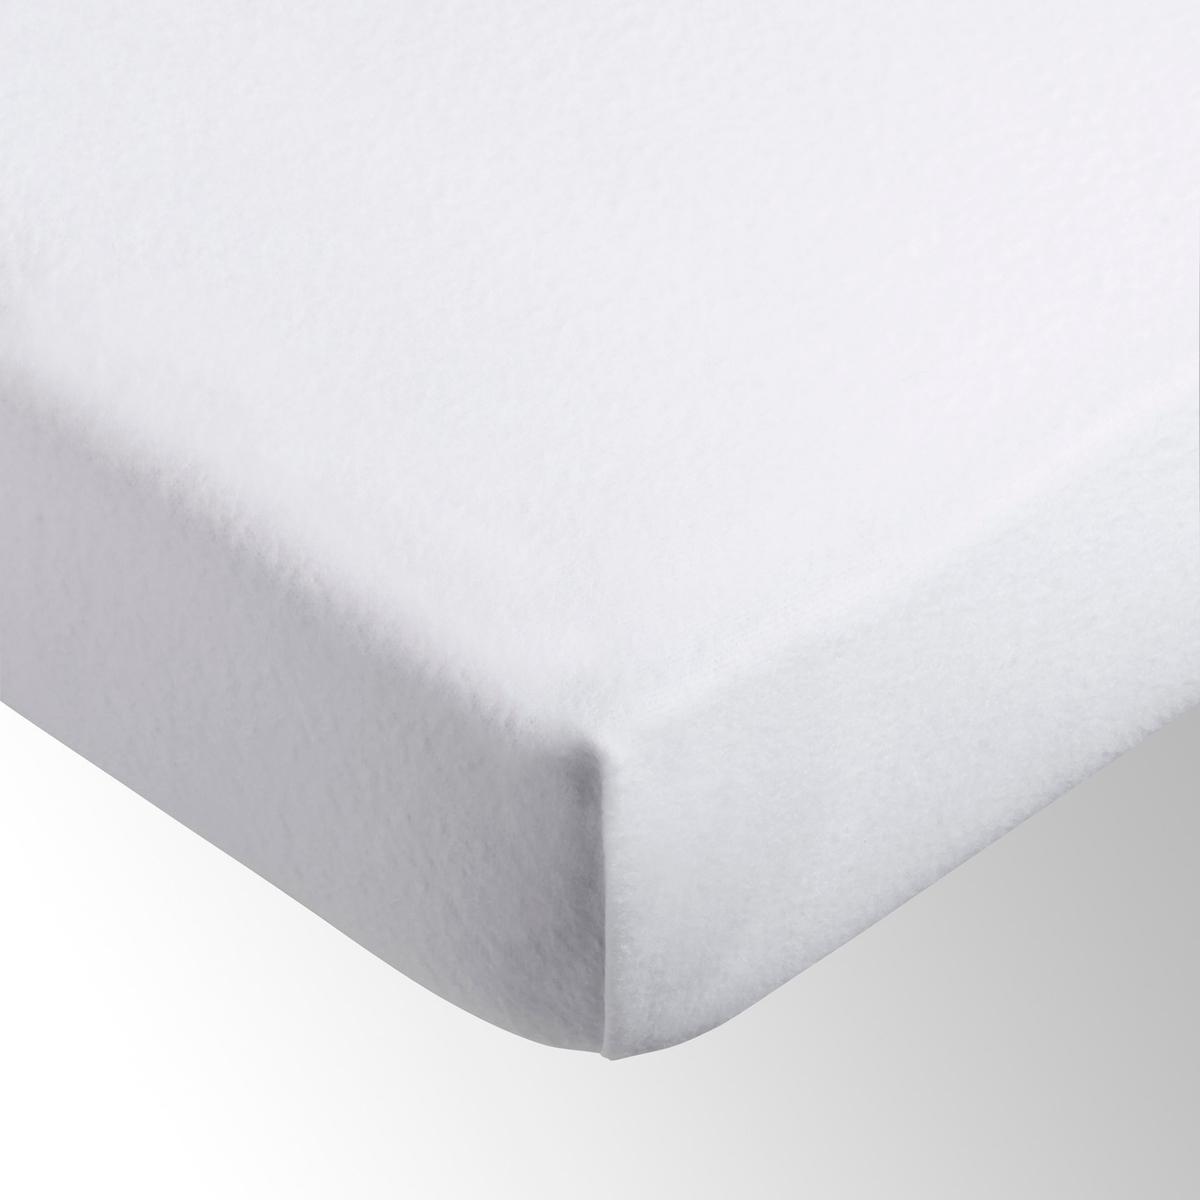 Чехол защитный для матраса натяжной из эластичной микрофибрыЗащитный чехол для матраса из эластичной микрофибры: эластичный мольтон с начесом, 100% микроволокно полиэстера, 200г/м?. Дышащая ткань с эффектом терморегуляции. Микрофибра является прекрасным барьером для пыли и клещей.4 уголка (25 см для размеров 90 и 140, а также 22 см для размера160).Стирка при температуре до 60°.Сертификат OEKO-TEX.<br><br>Цвет: белый<br>Размер: 160 x 200 см